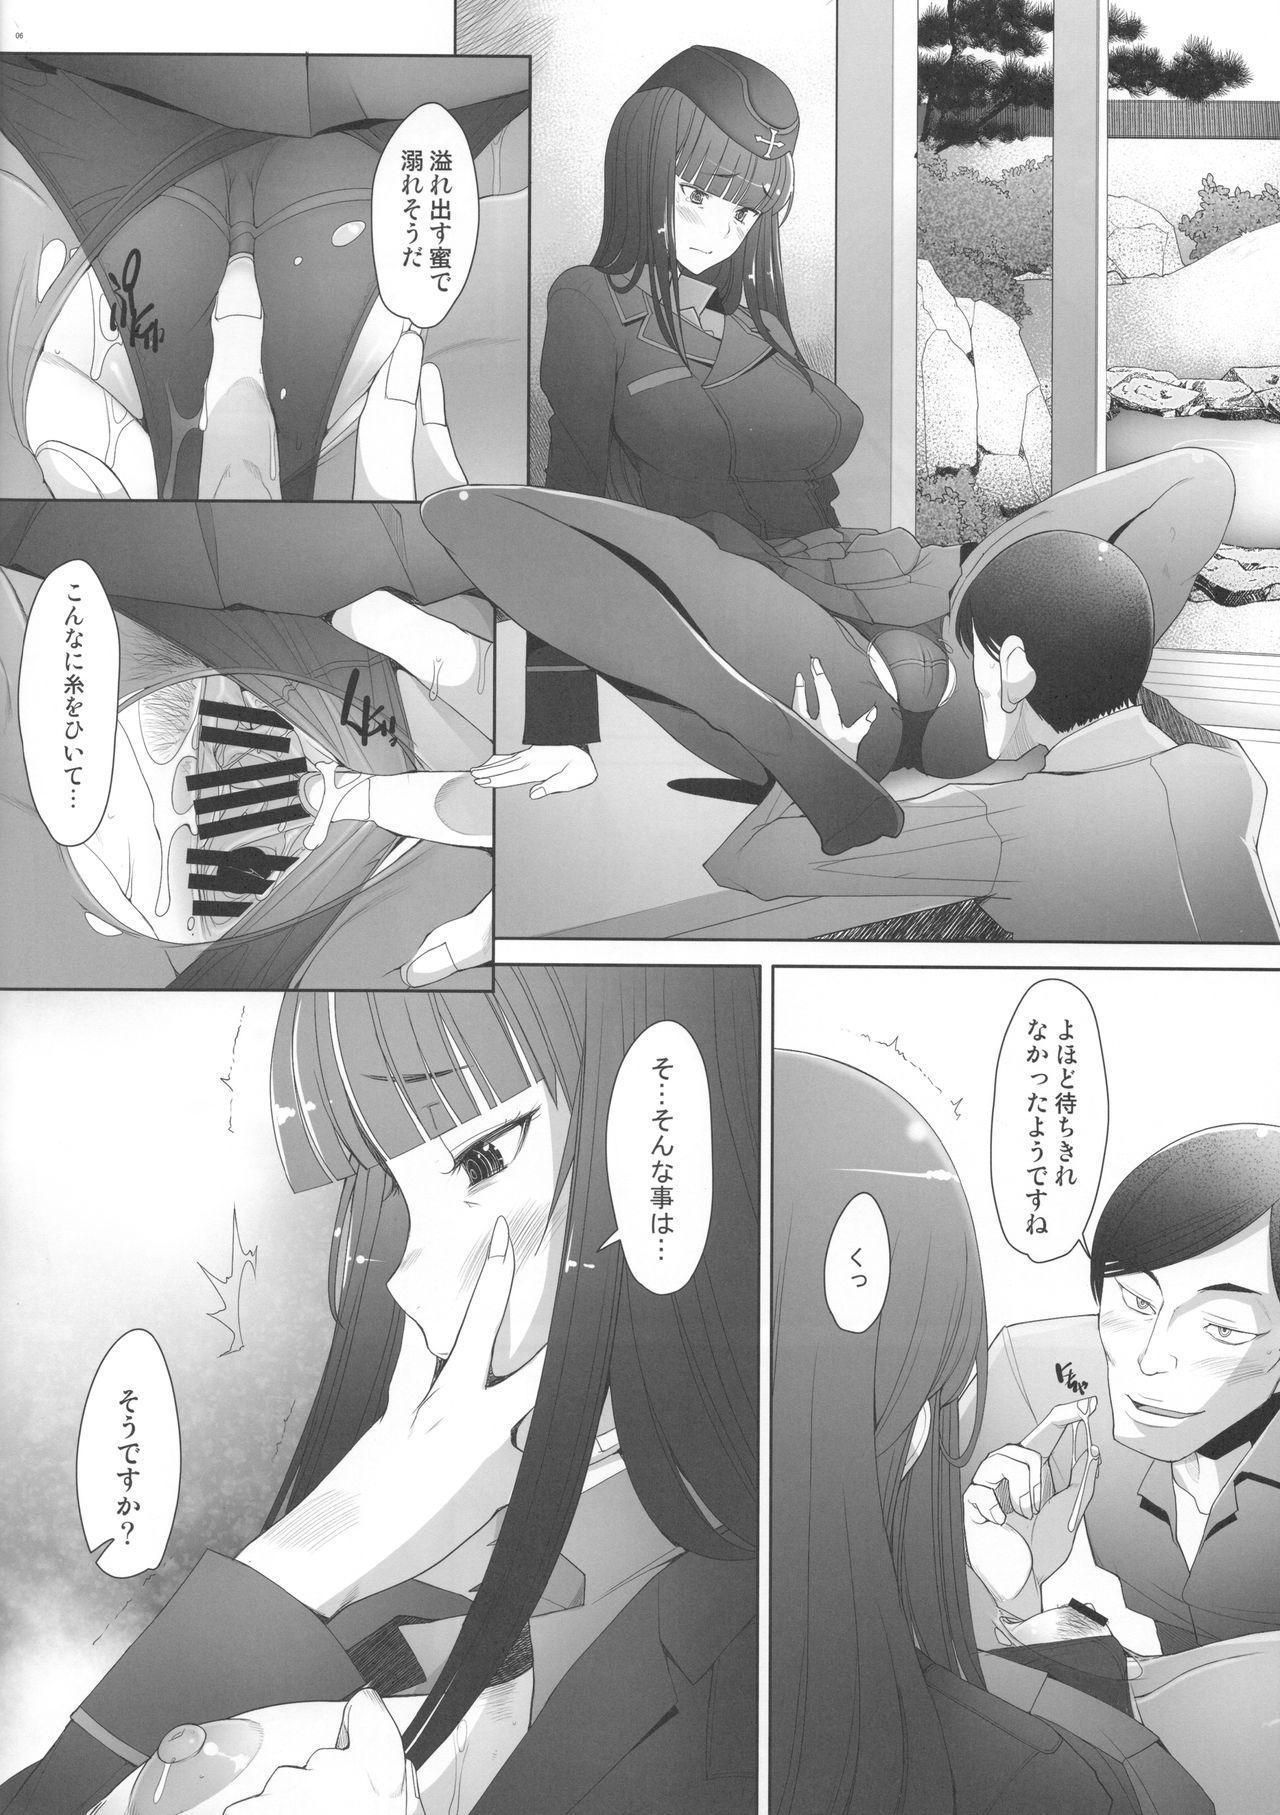 (C91) [Kohakutei (Sakai Hamachi)] Kimajime na Onna ni Nakadashi Choukyou Shite Mimashita - Nishizumi-ryuu Senshadou Iemoto no Baai (Girls und Panzer) 5